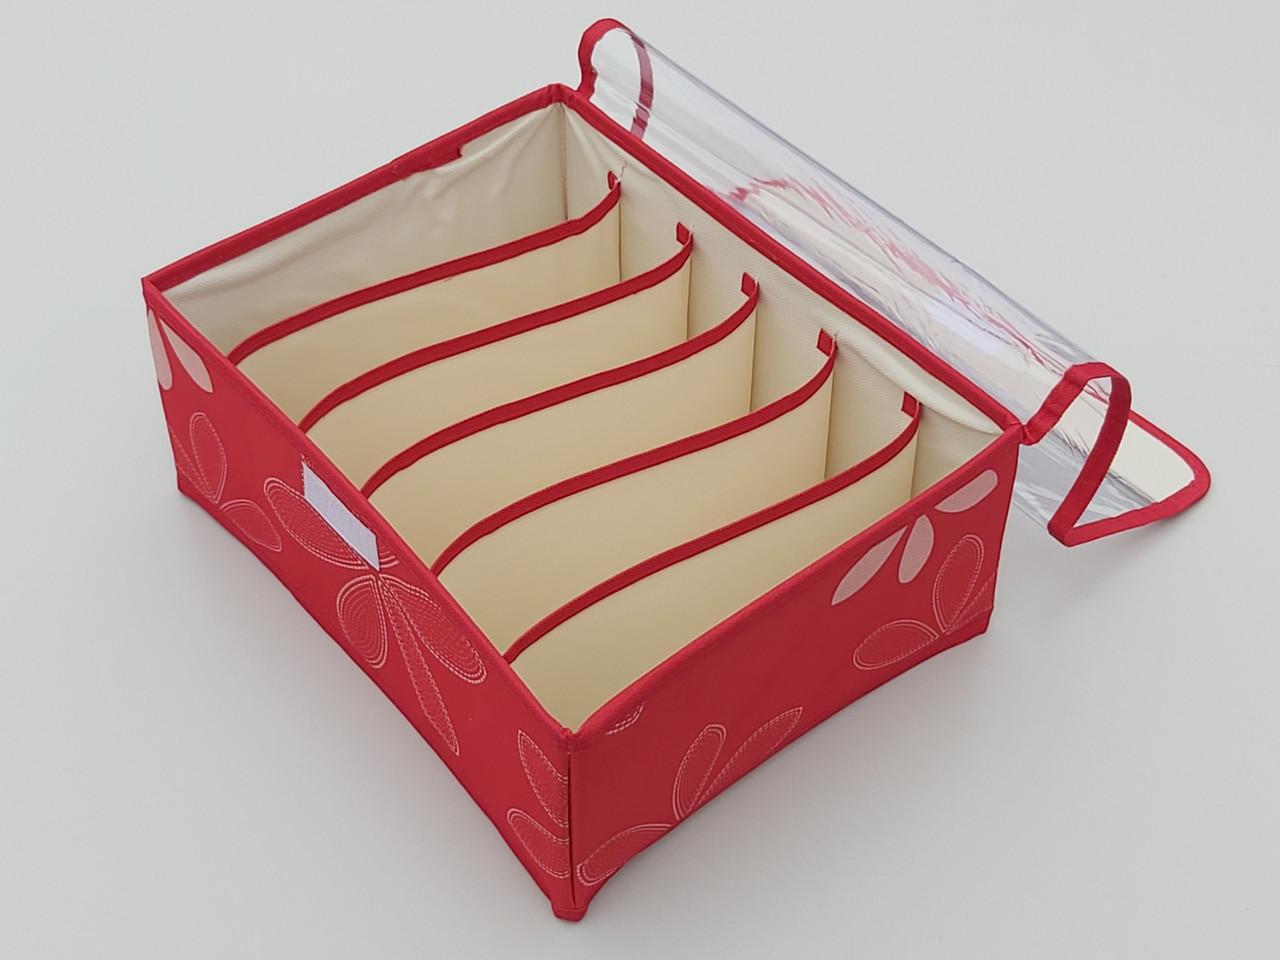 Органайзер з кришкою 31*24*12 см, на 6 відділень для зберігання дрібних предметів одягу оранжевого кольору